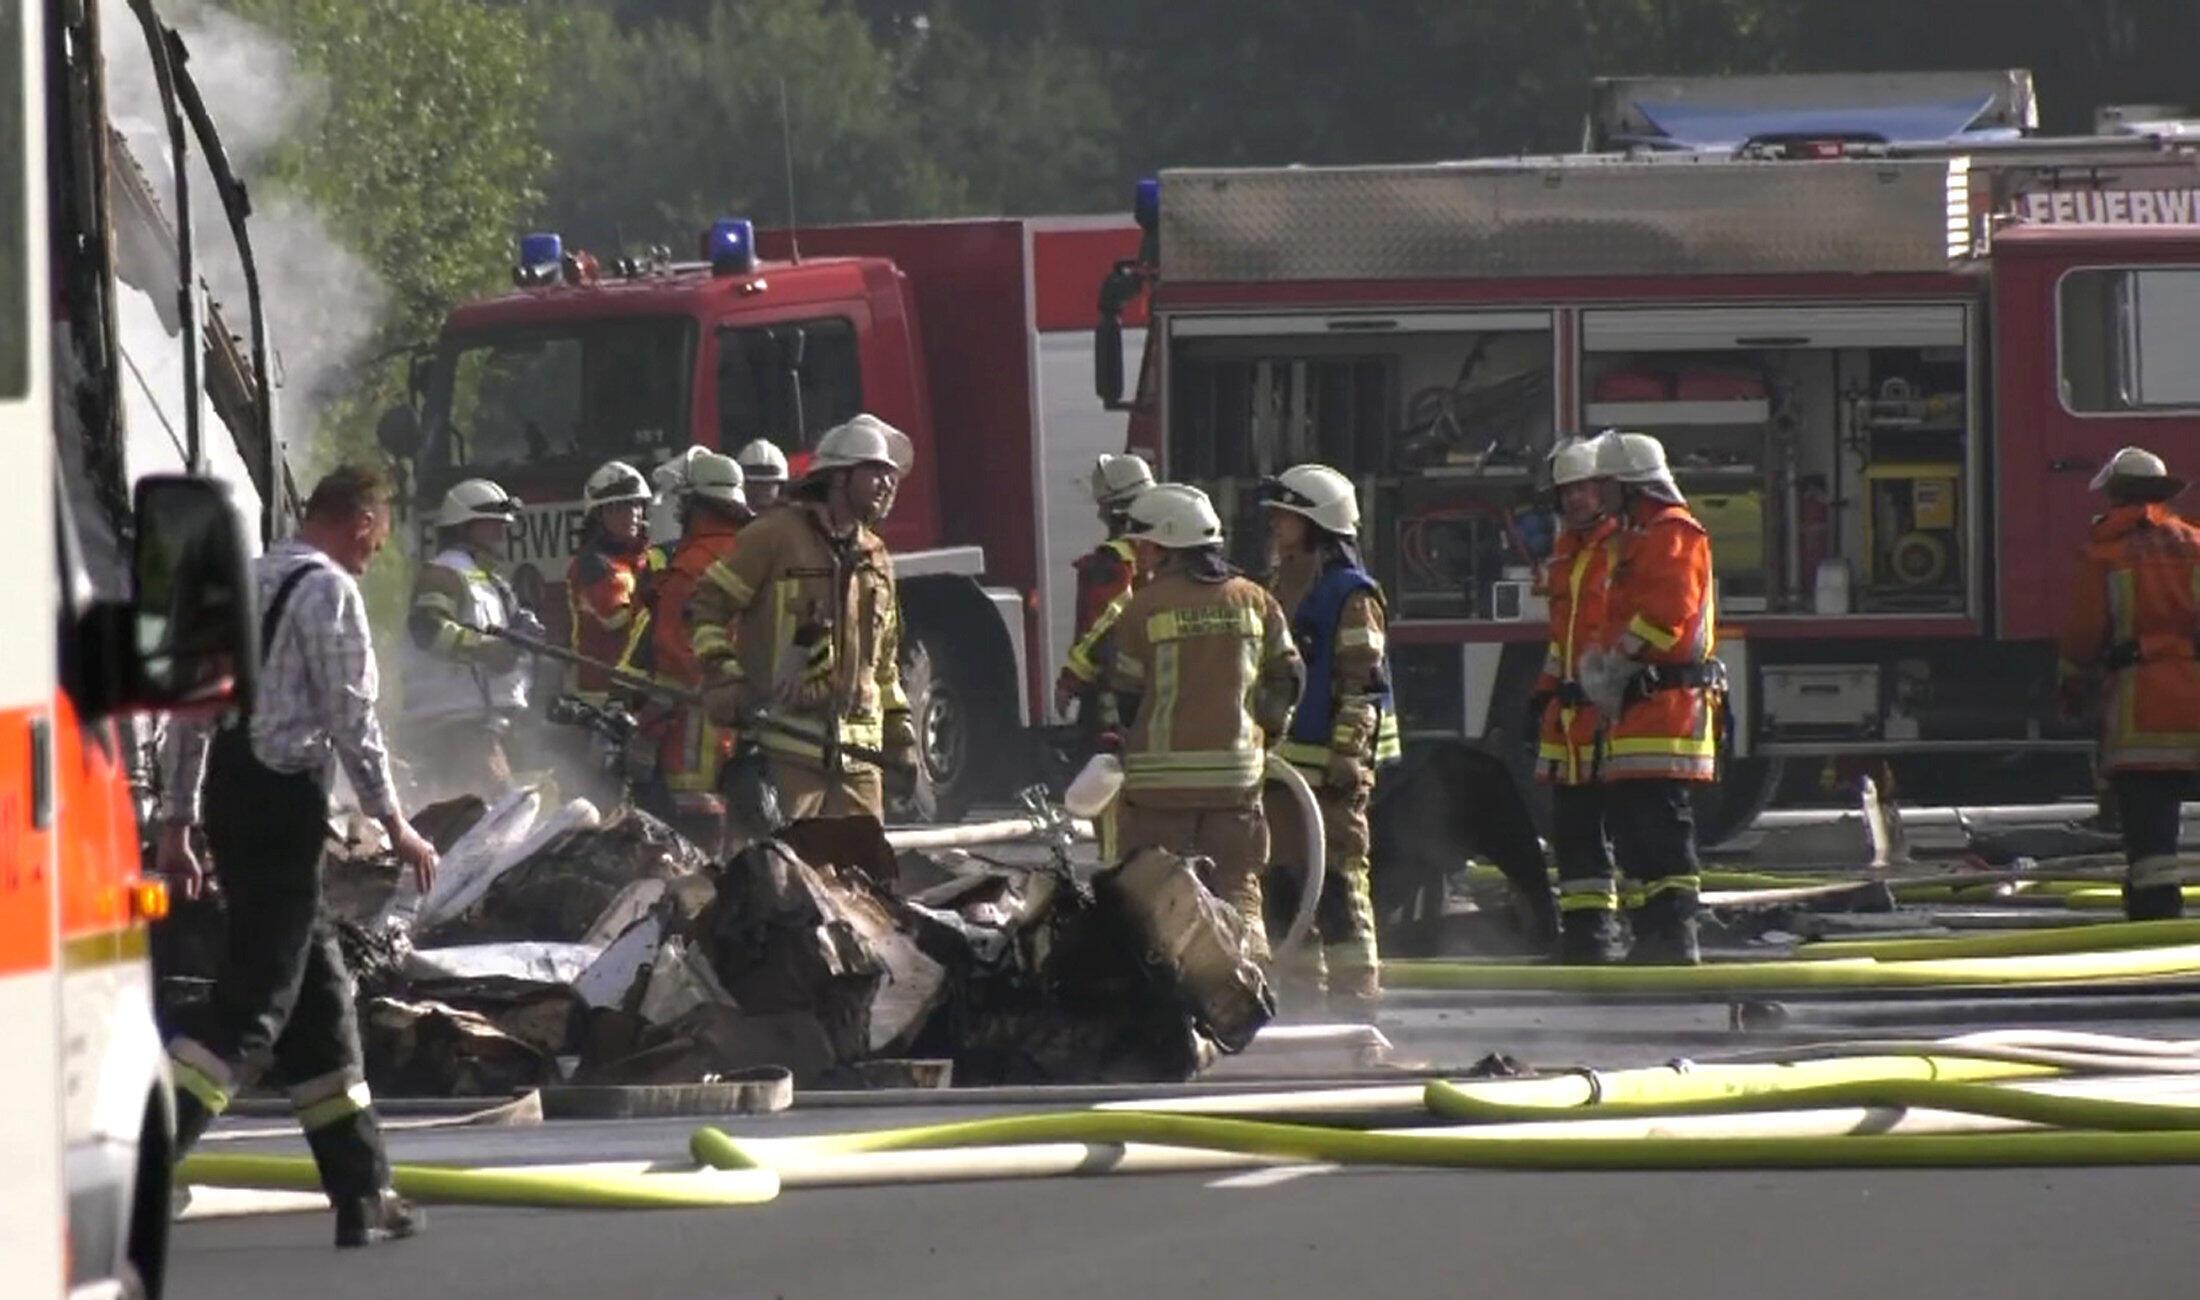 Bombeiros no local do acidente de um caminhão que explodiu em uma estrada perto de Muenchberg, na Alemanha. 03 de julho de 2017.